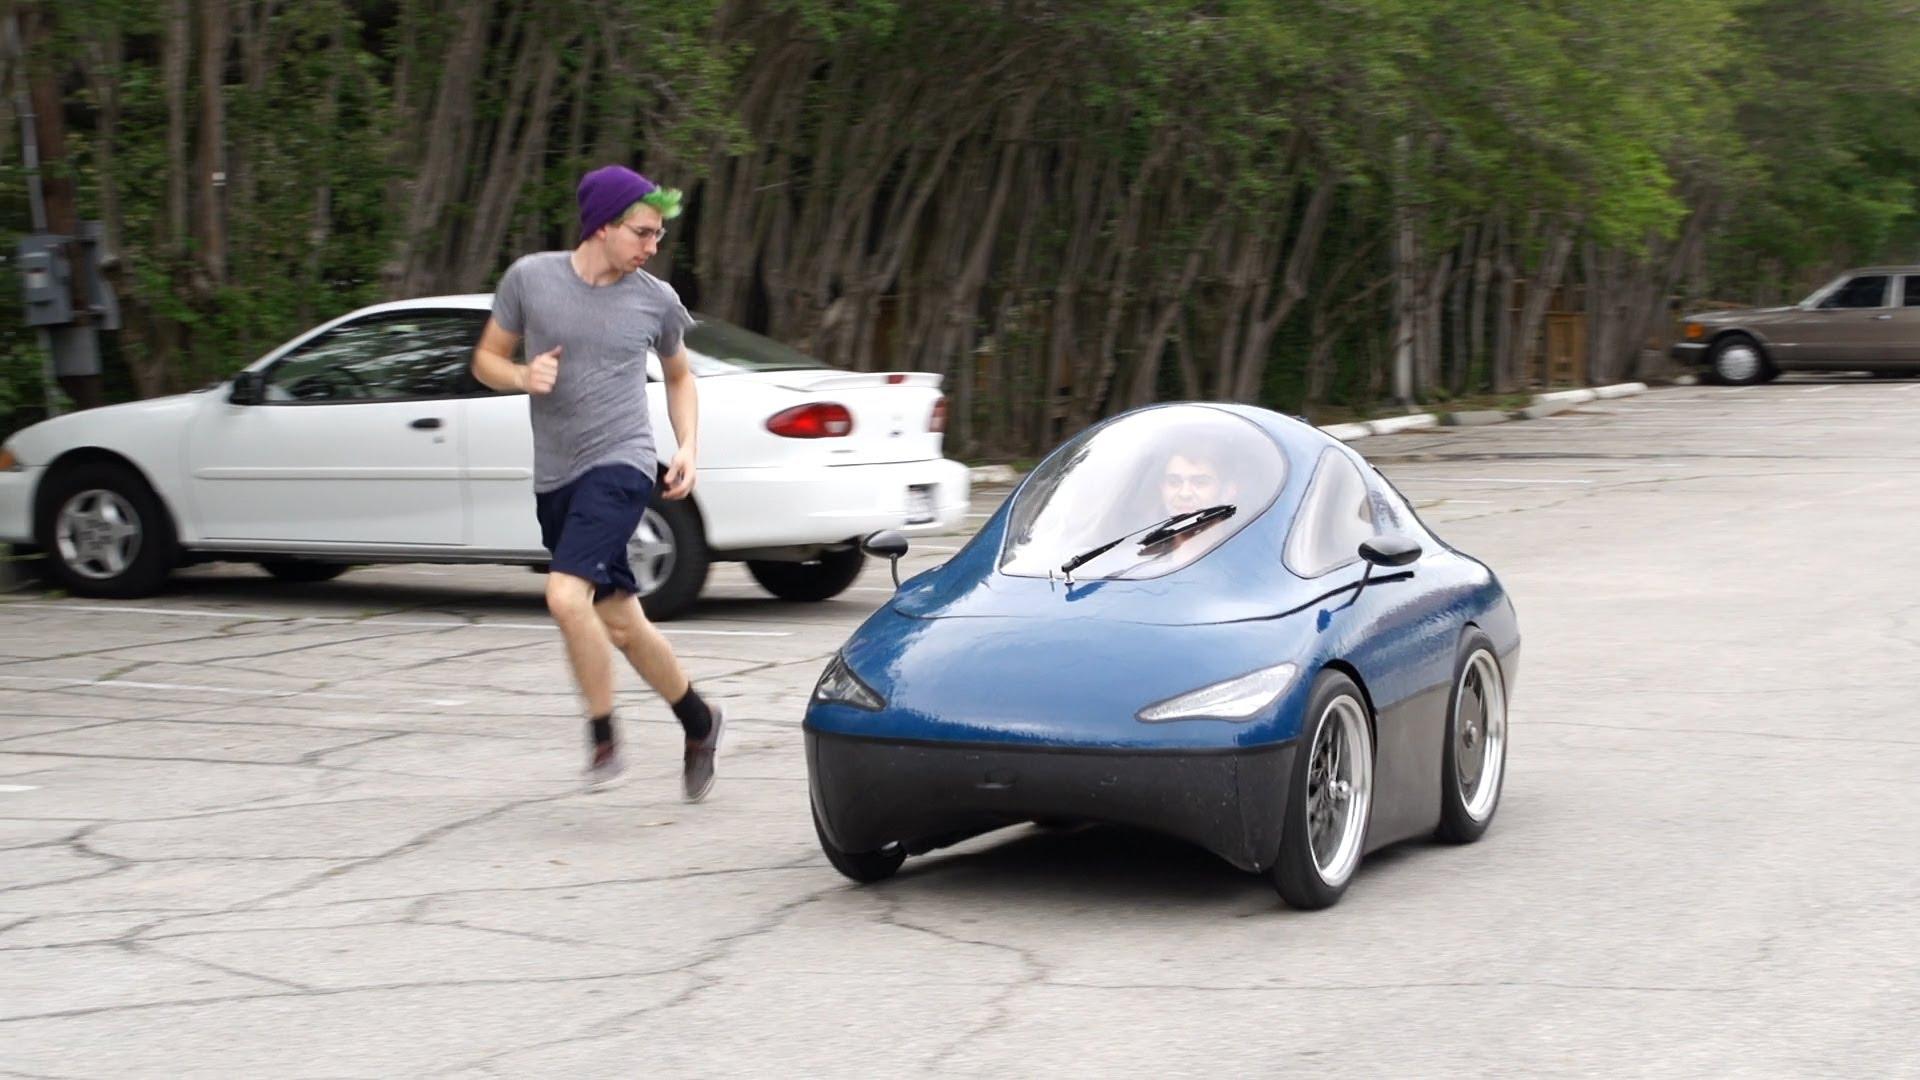 طلبة من جامعة رايس الامريكية يصنعون الصفر سيارة تعمل على الطاقة الشمسية